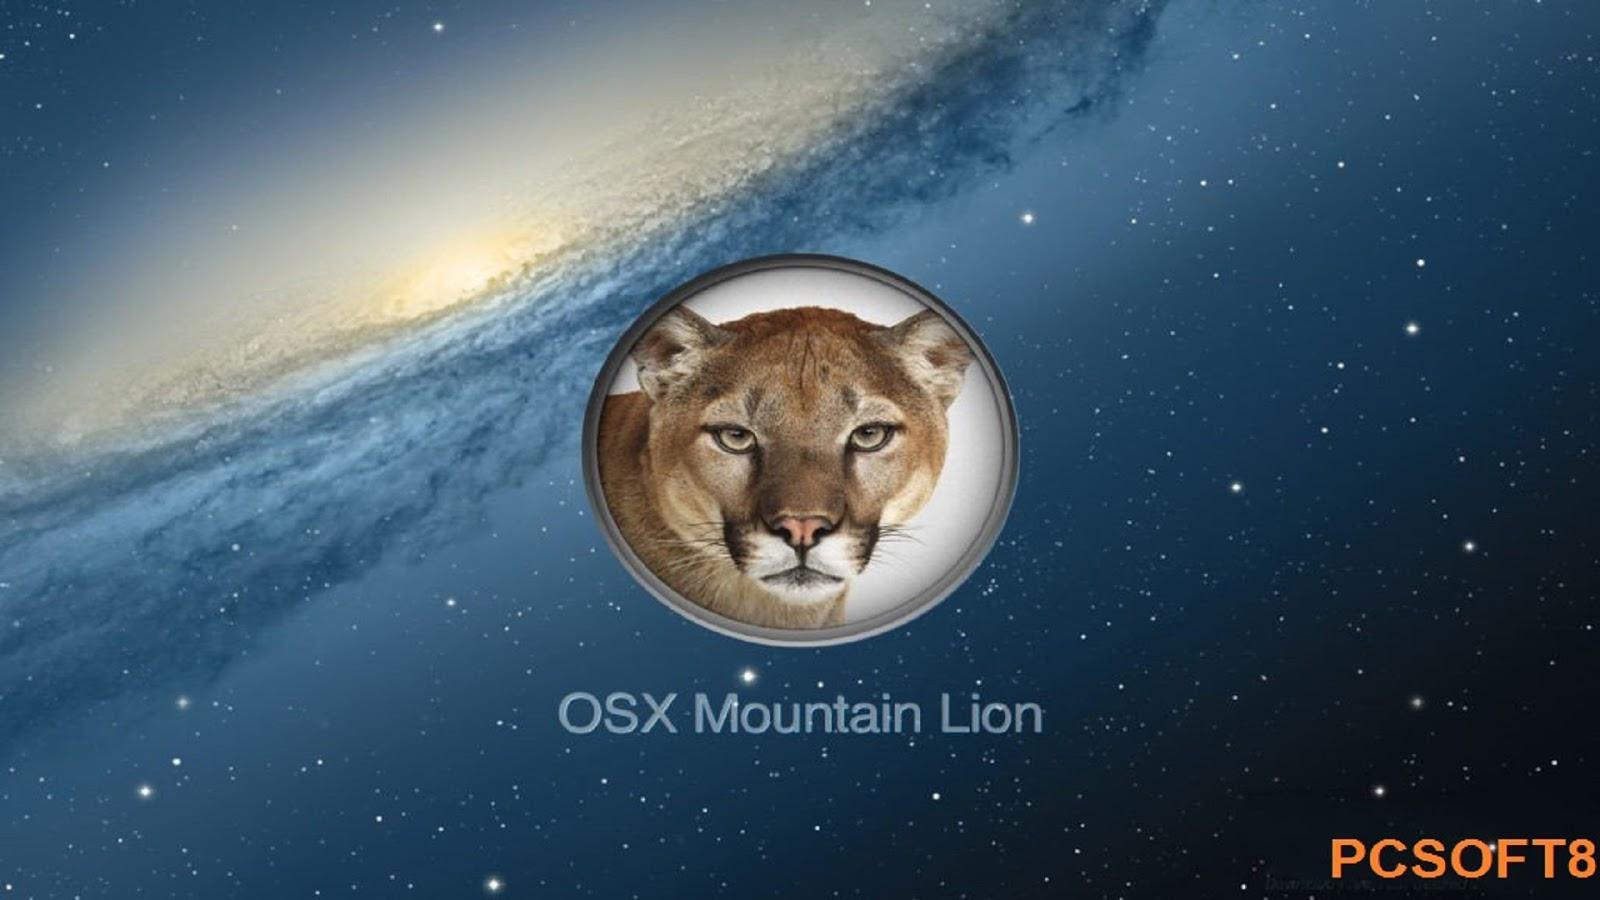 Pcsoft891: Mac OS X Lion 10 7 5 DMG Free Download